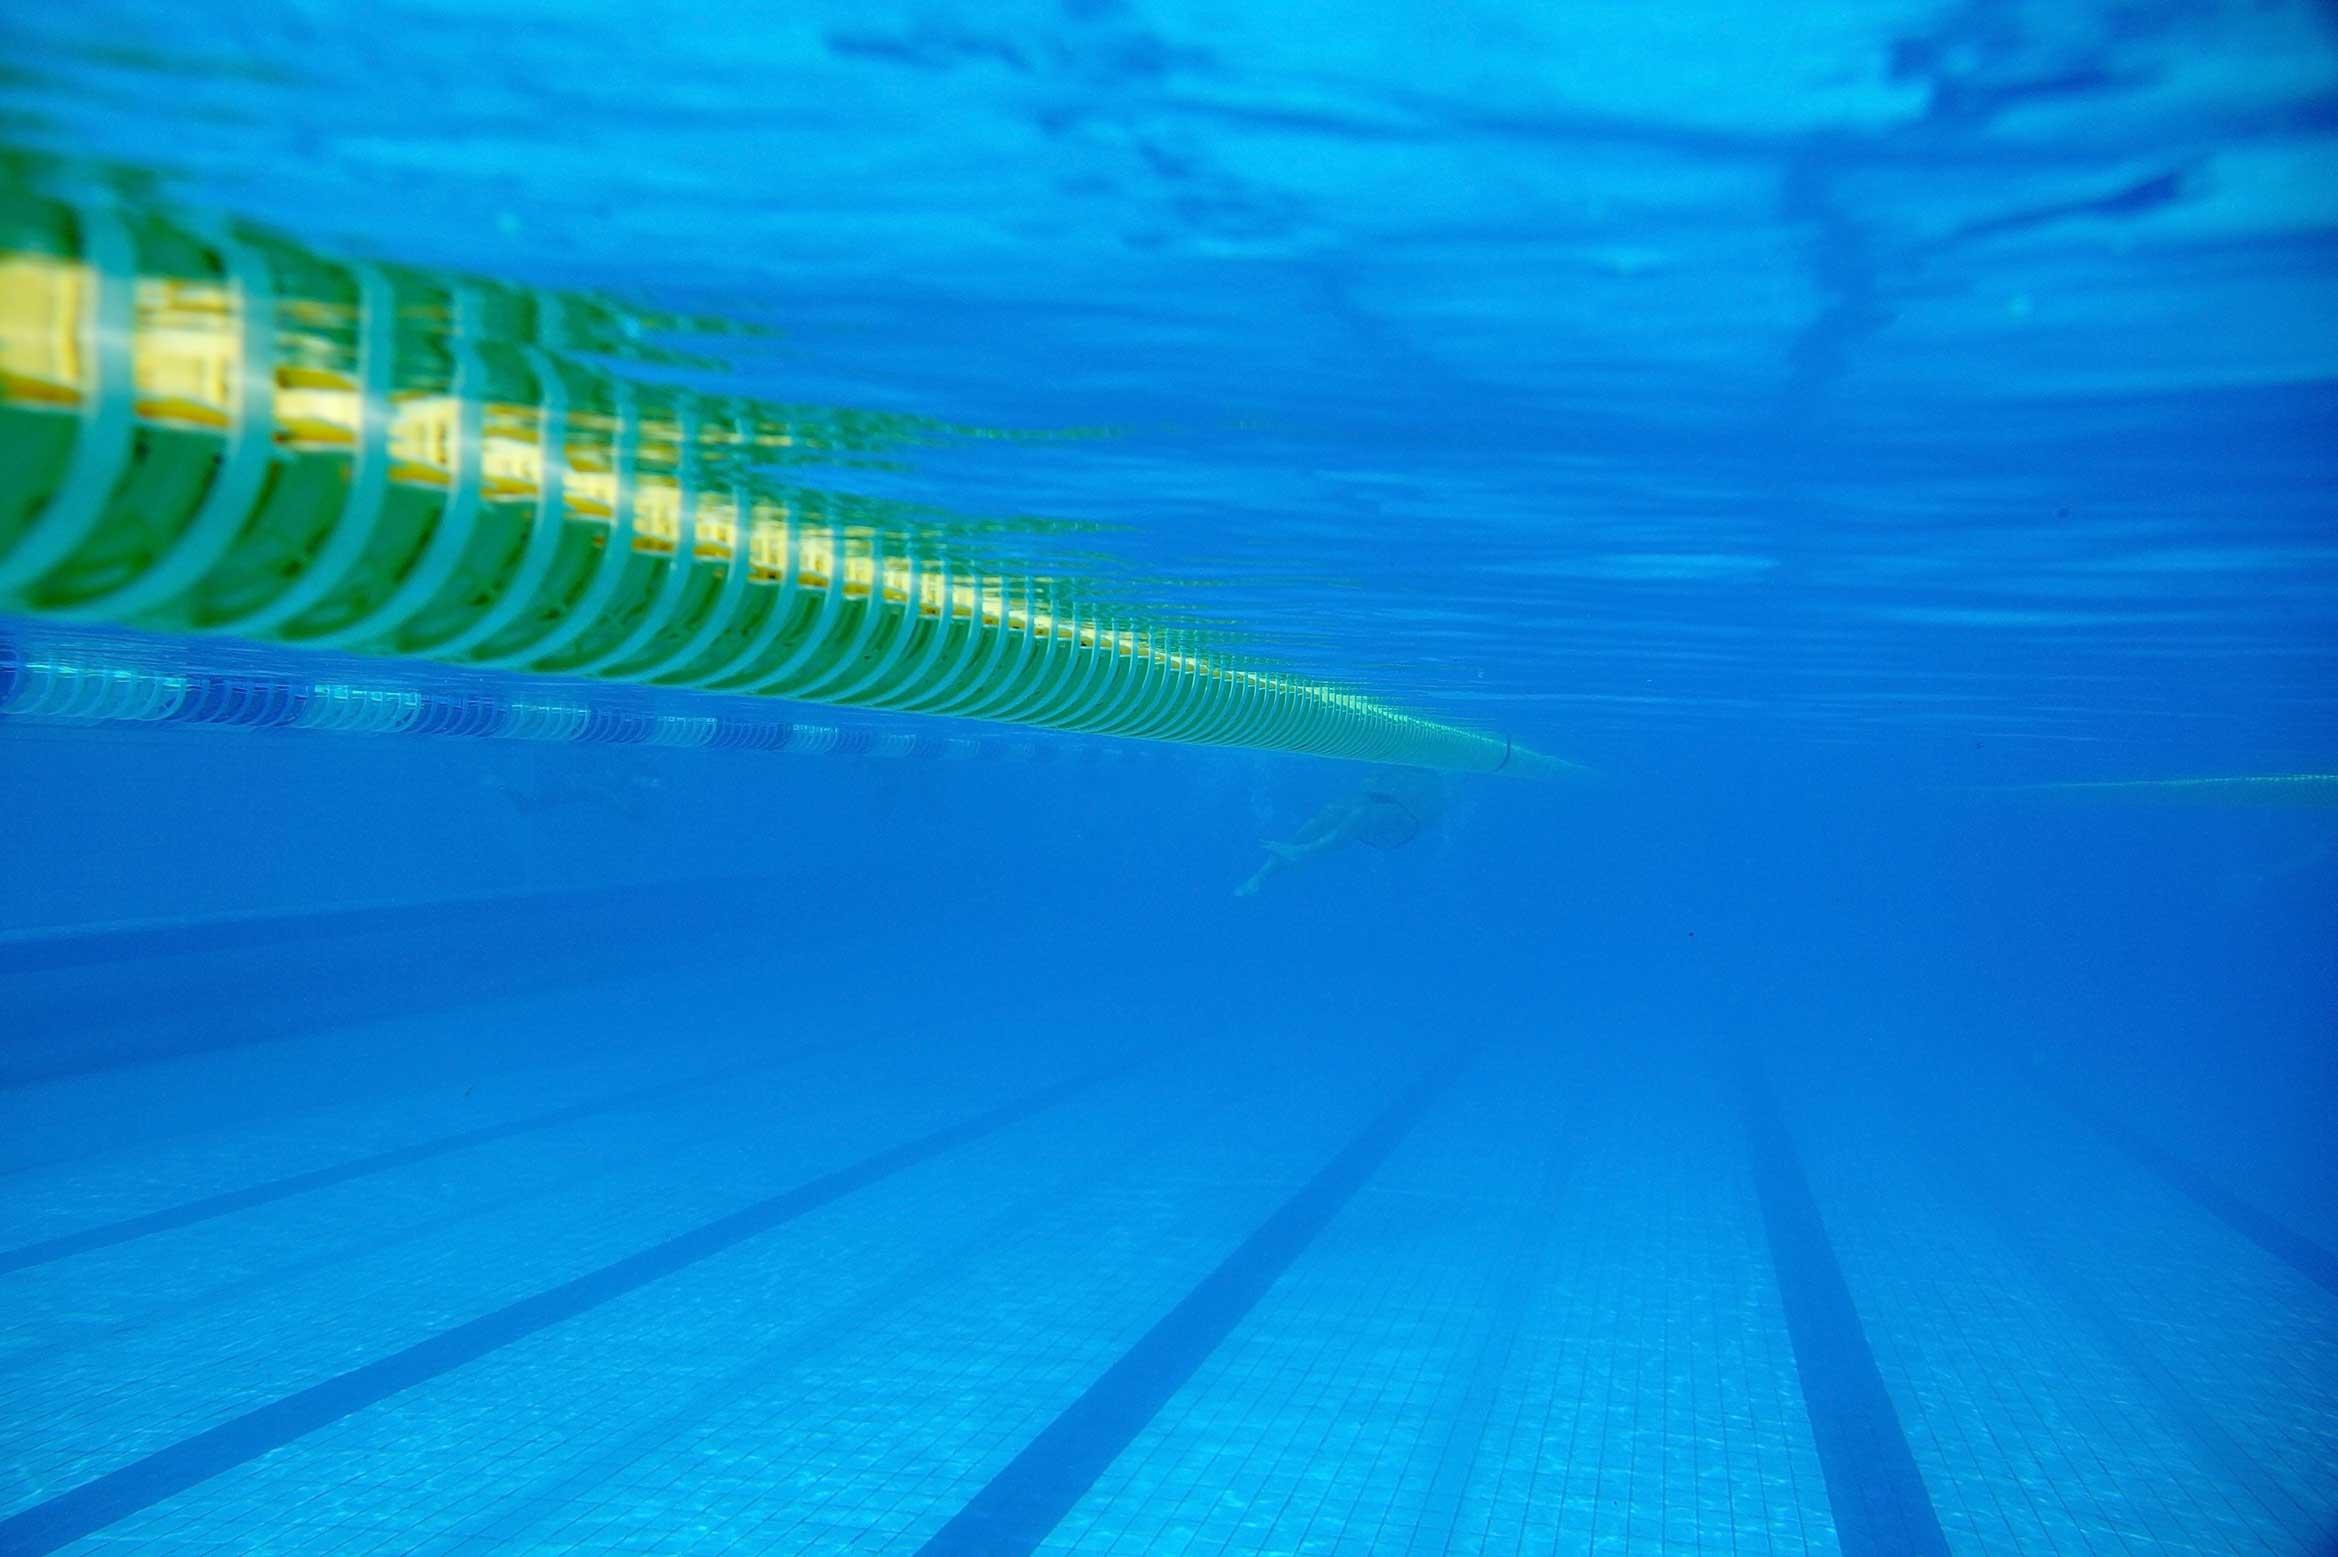 zwemtijd reserveren vanaf 29 mei